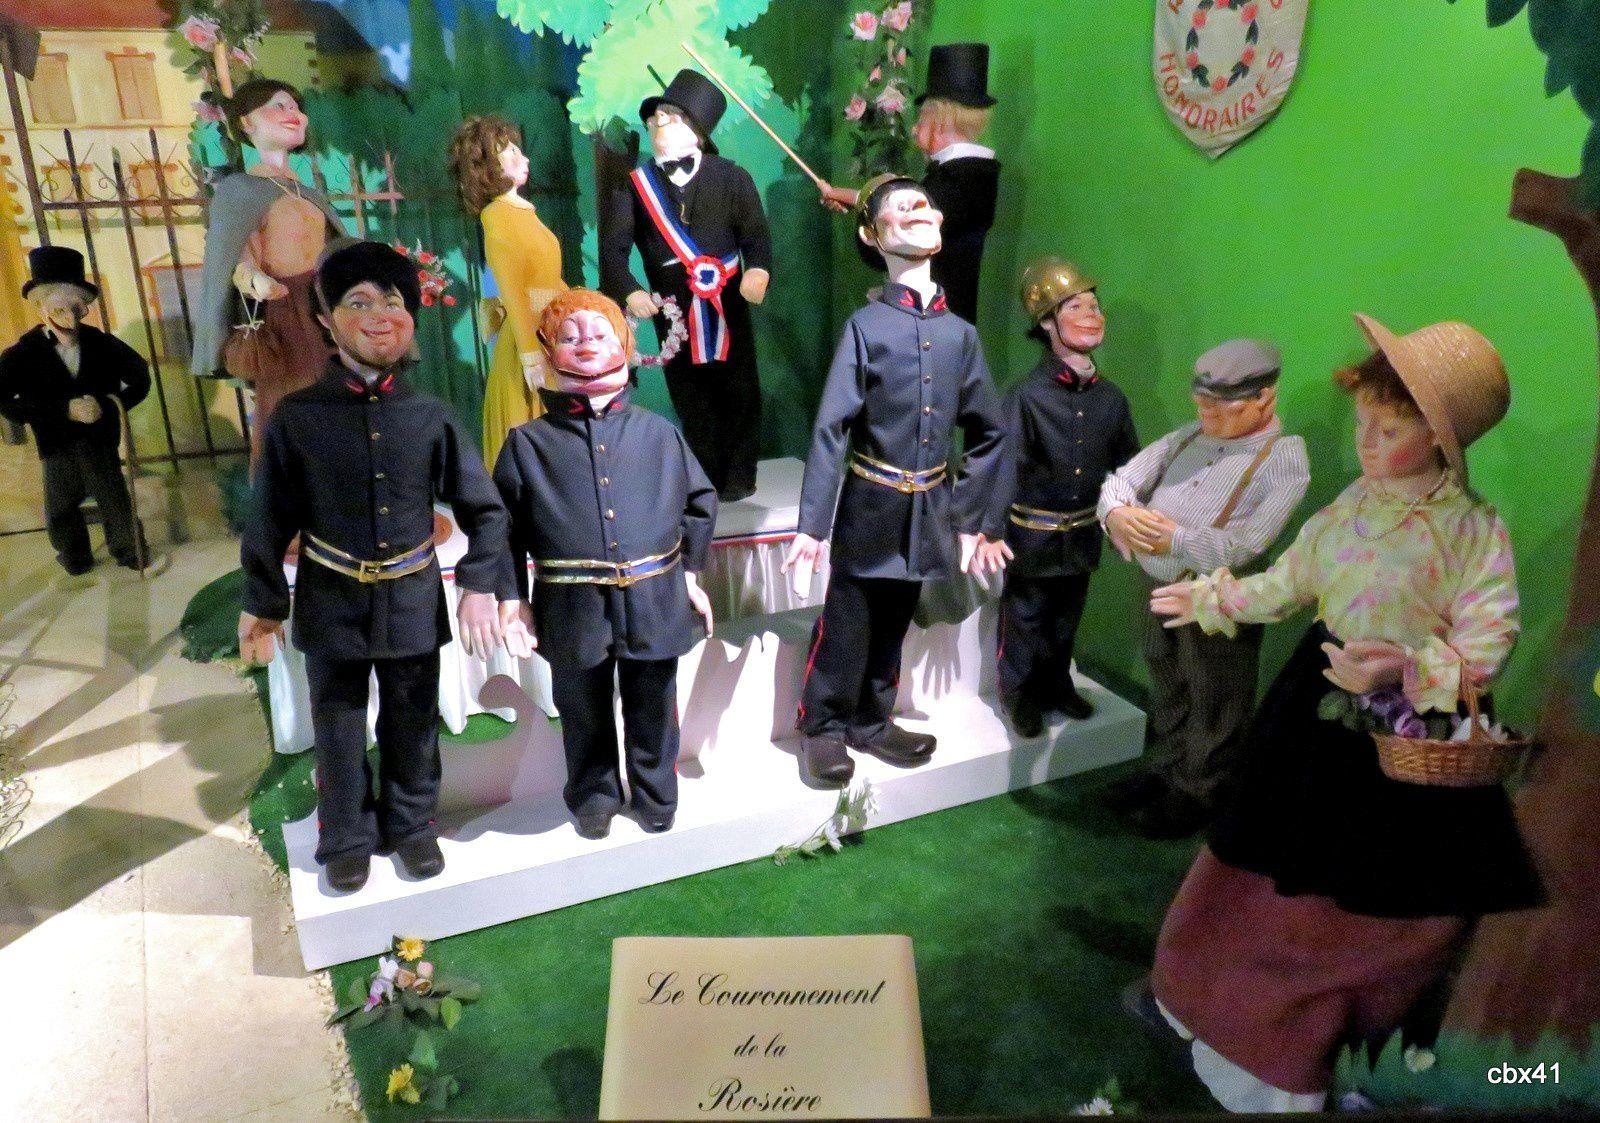 Musée des automates (Falaise), le couronnement de la Rosière